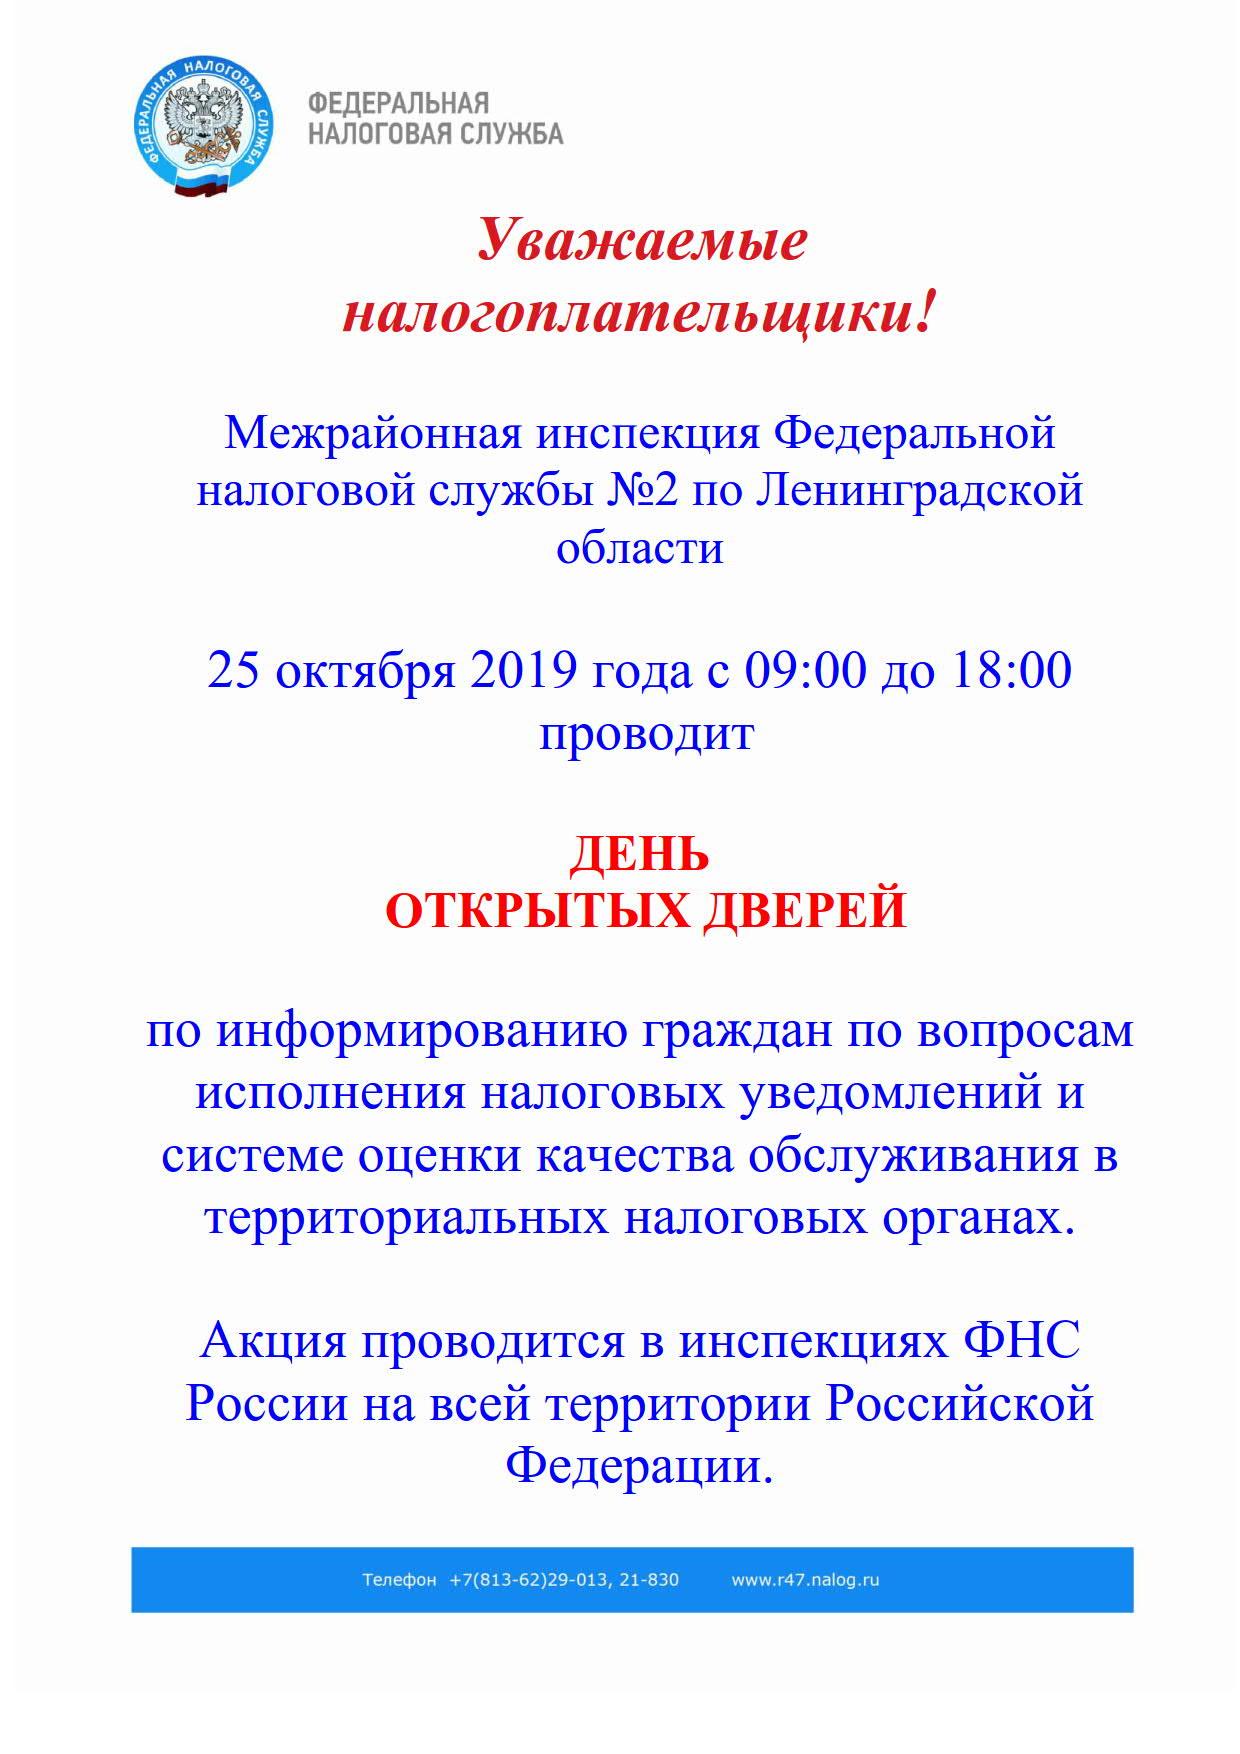 ОБЪЯВЛЕНИЕ О ДОД окт_1